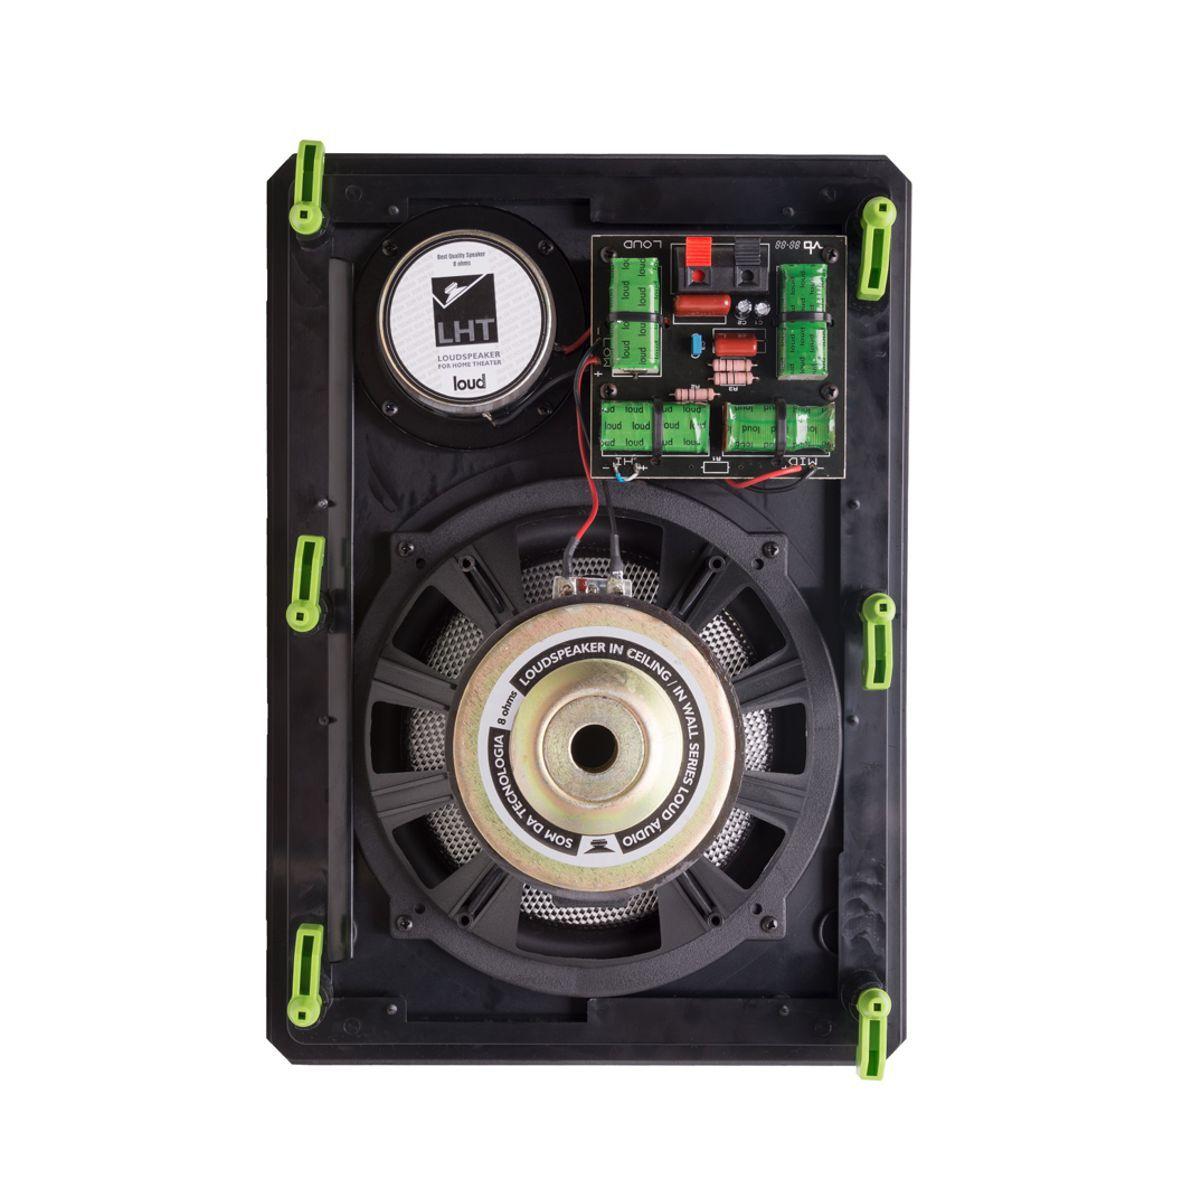 Kit 5.0 Caixa de Embutir no Gesso Borderless LHT-100 BL + LHT TW-100 BL Loud